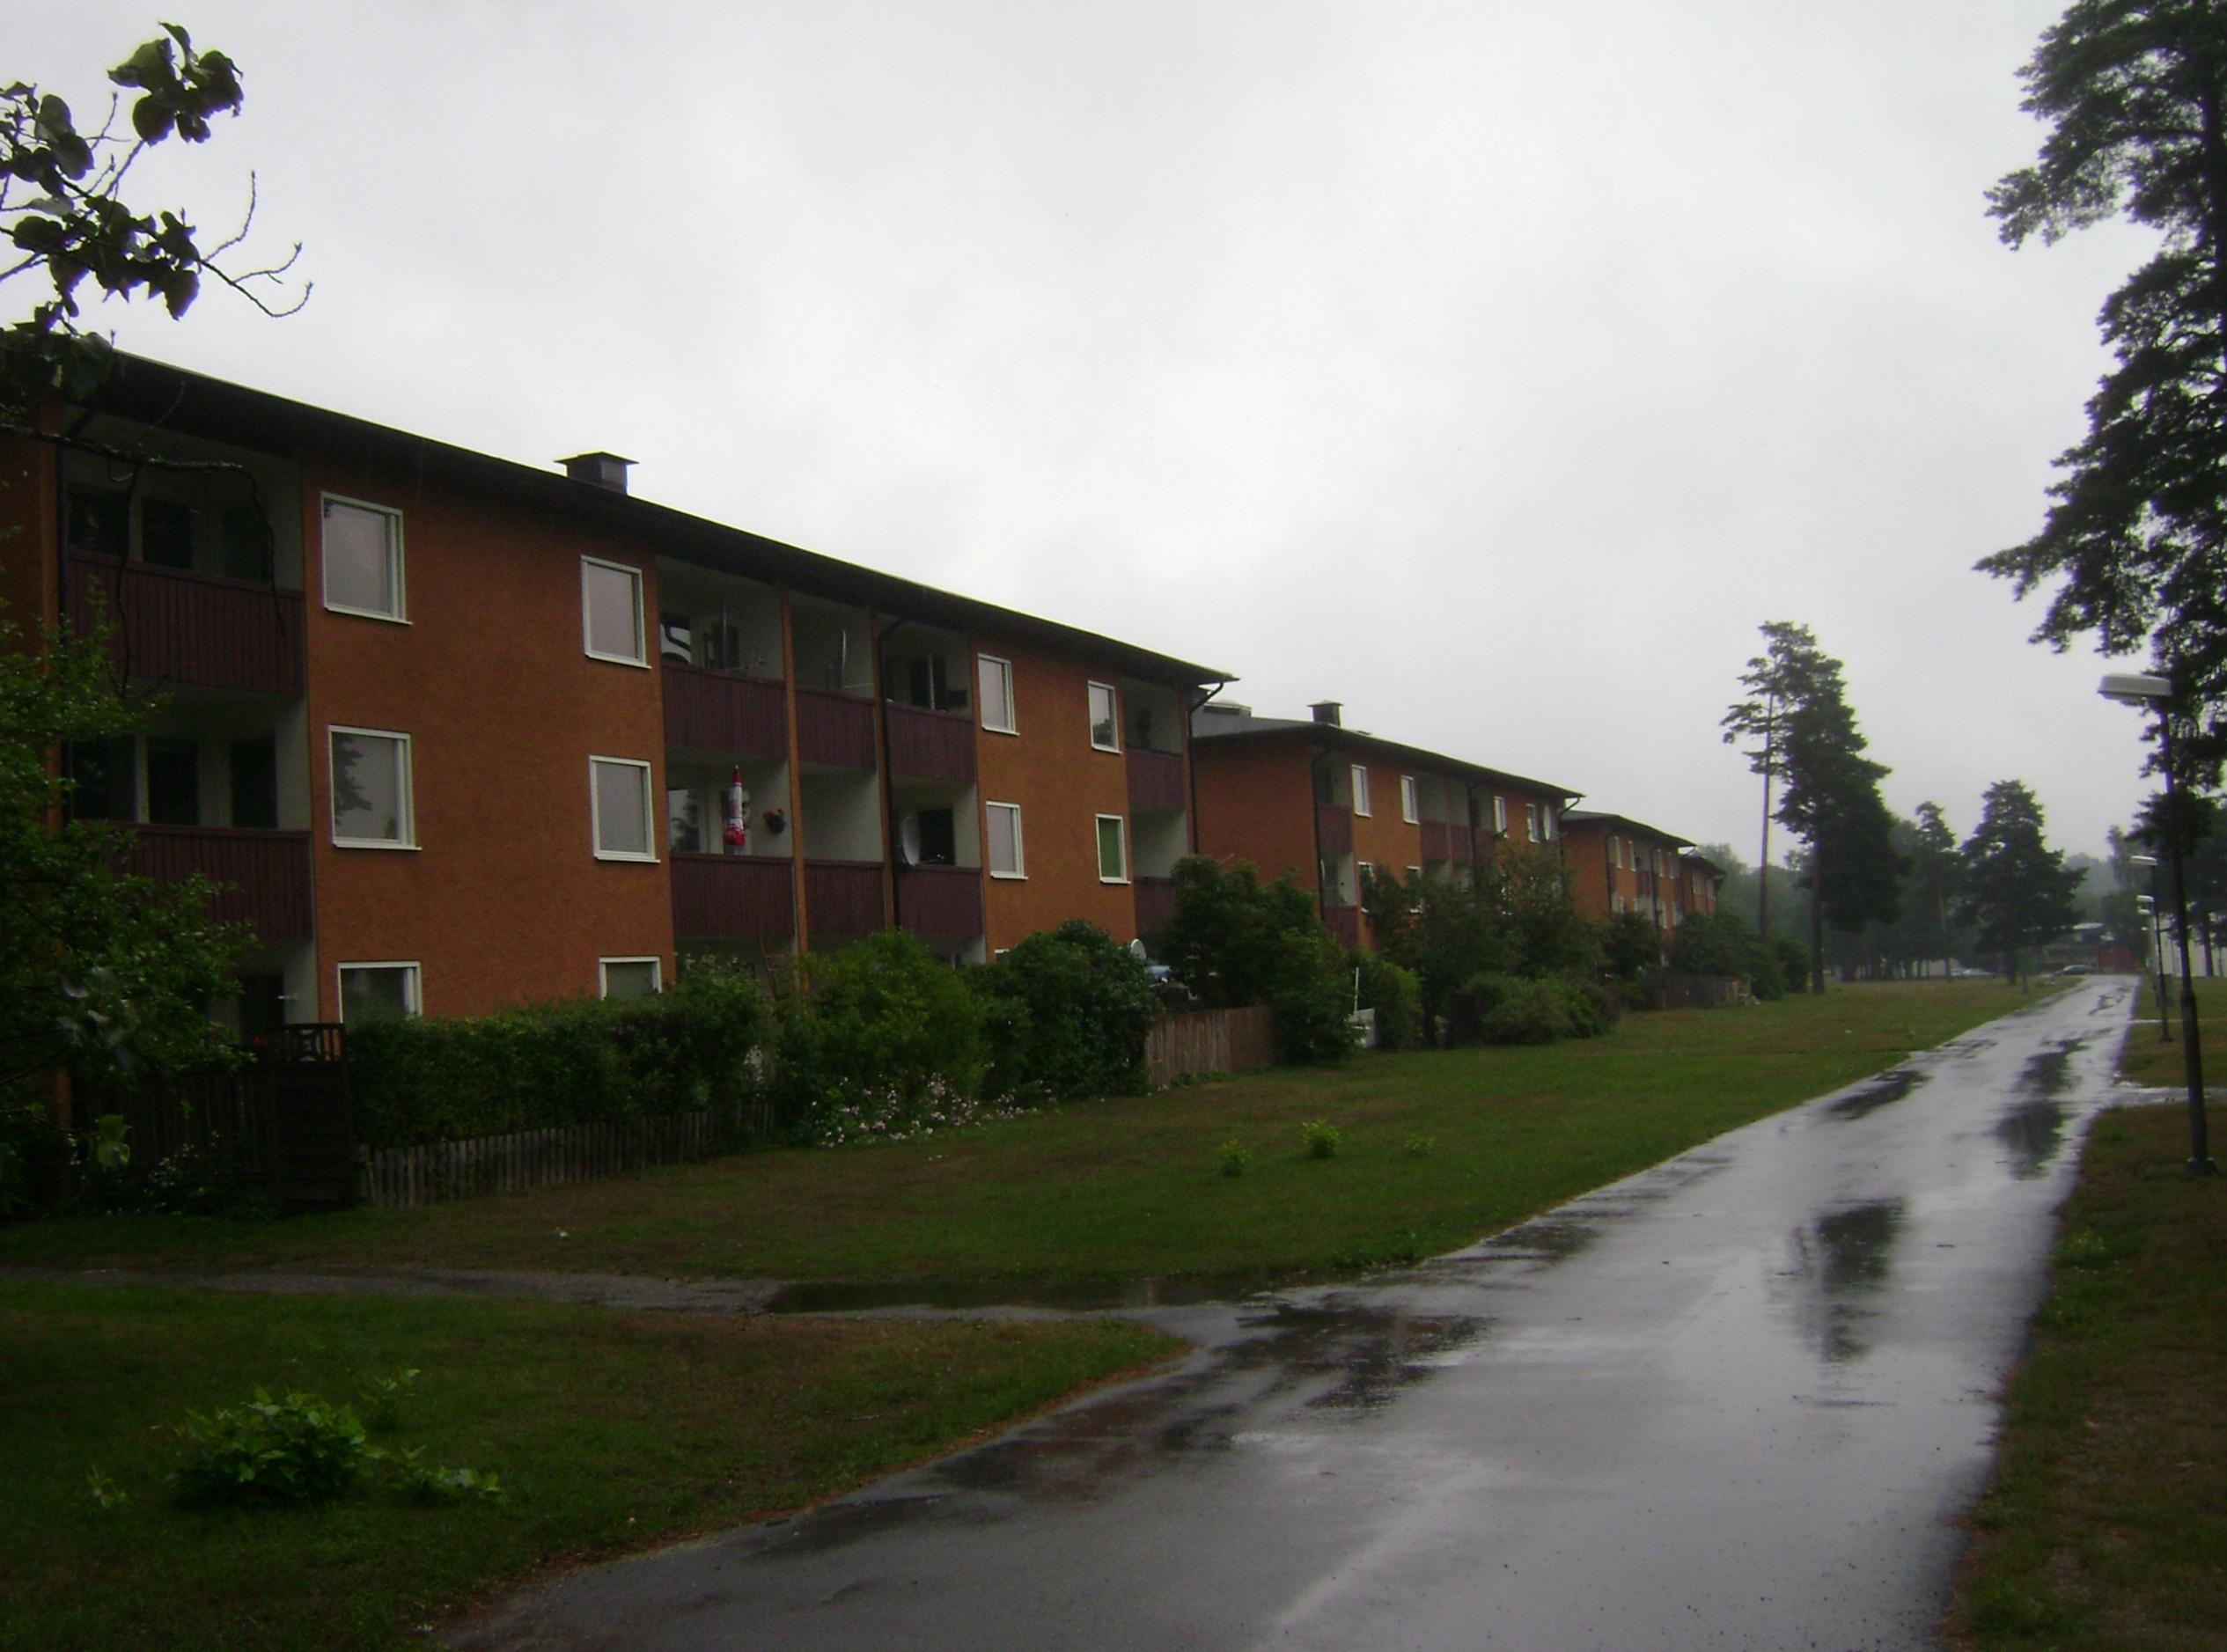 Jordbro, Sweden Weather